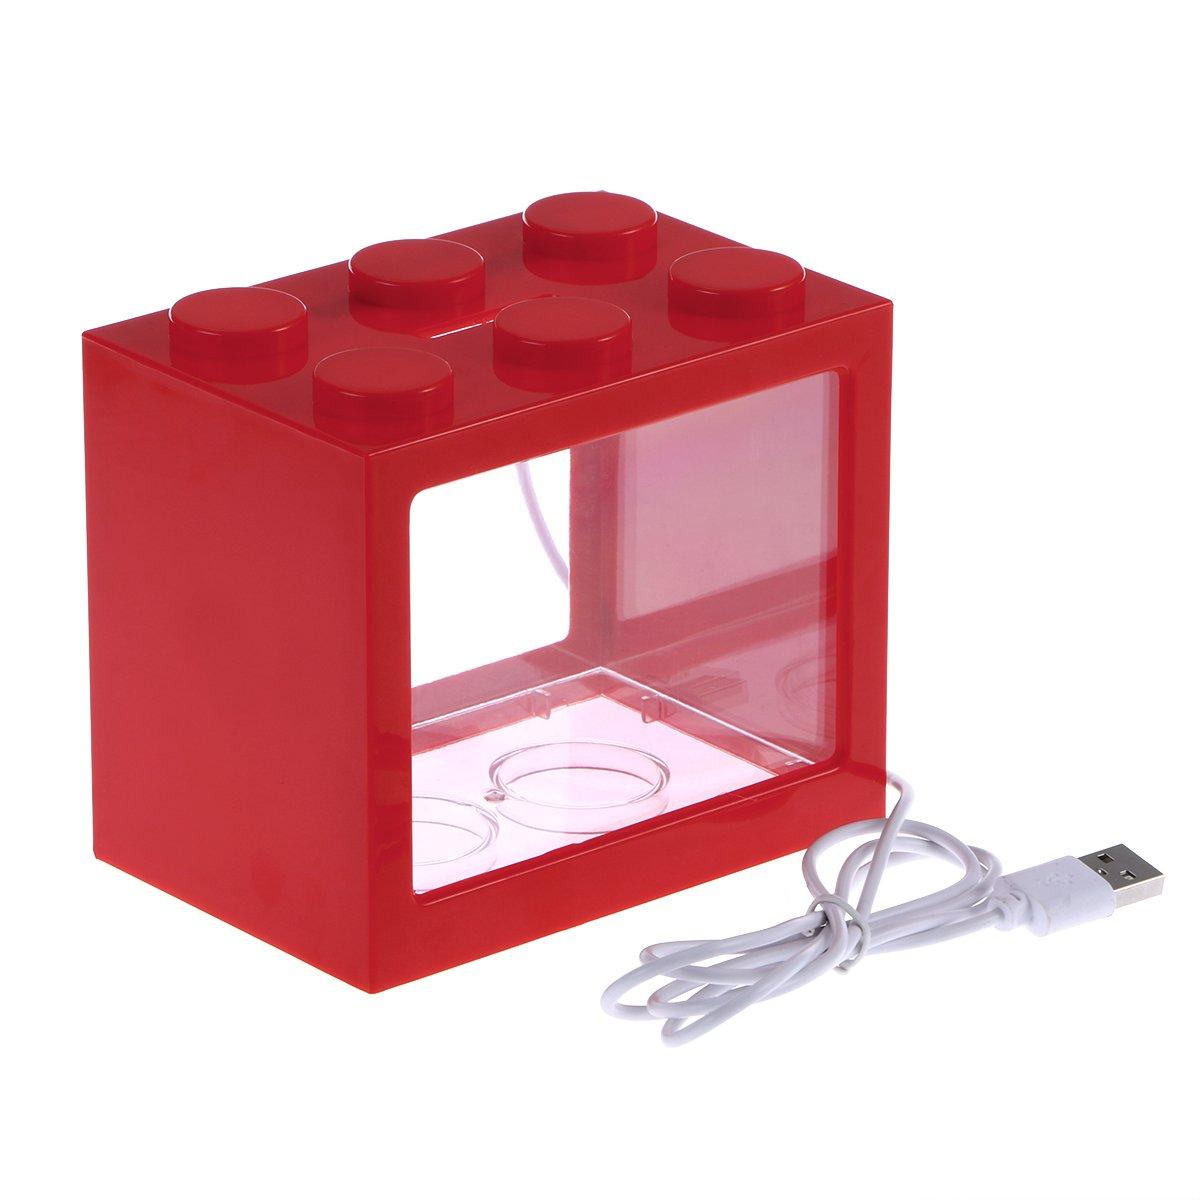 VORCOOL LED Acquario piccolo a USB di pastica in Rosso